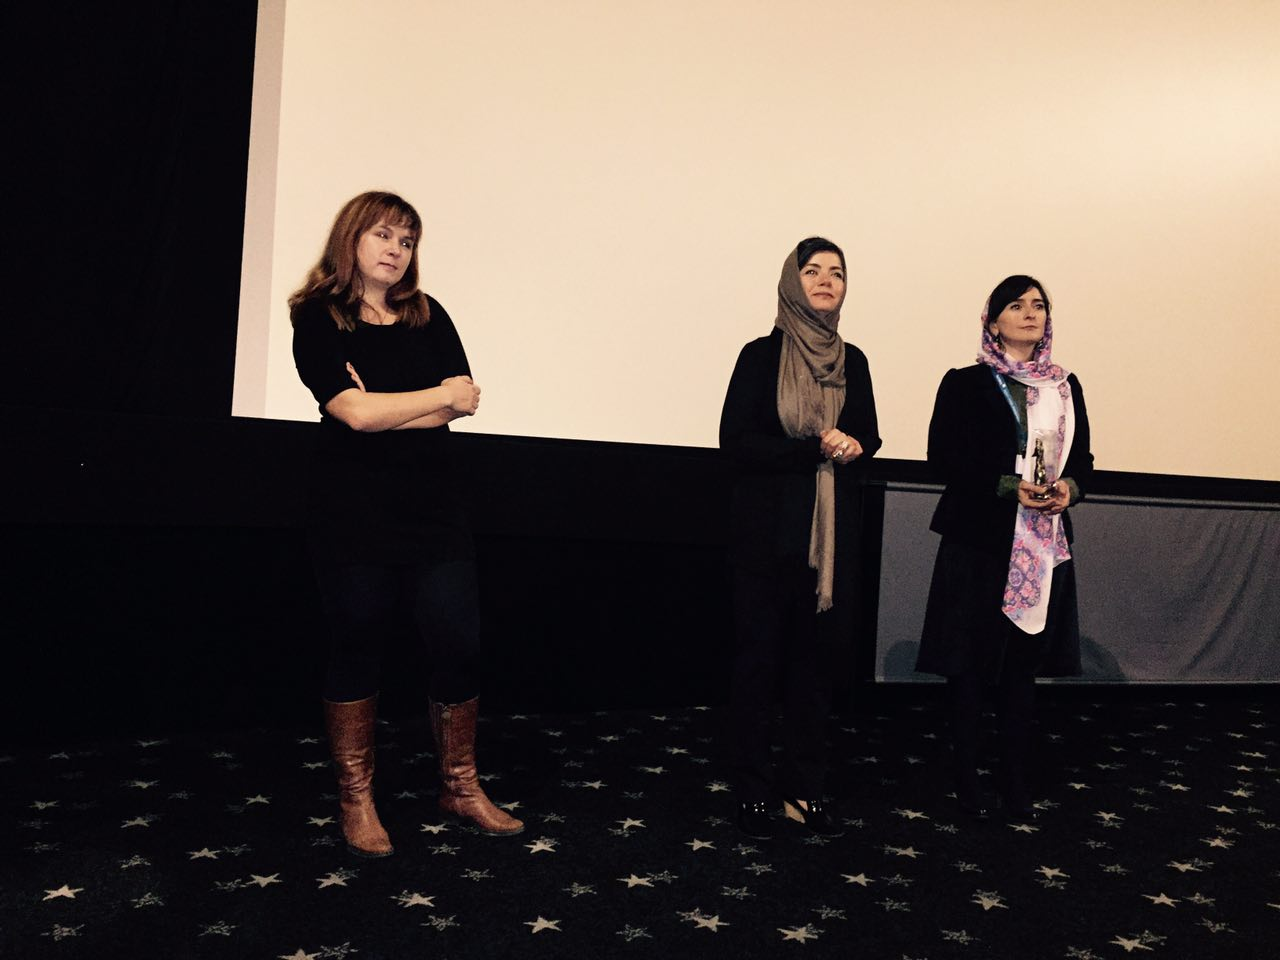 بازیگر زن سینمای ایران، در یک جشنواره بینالمللی